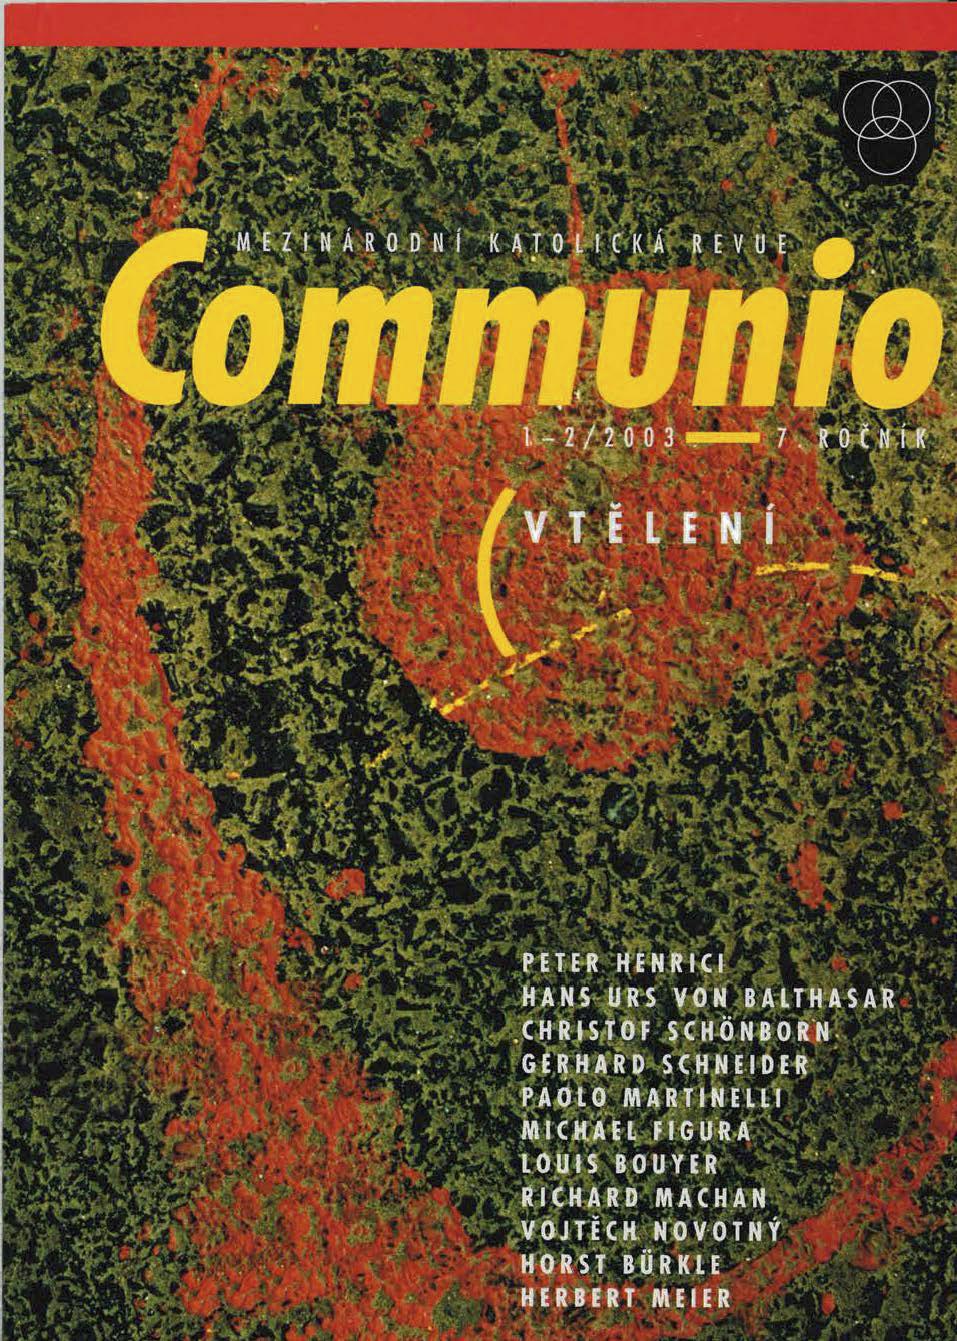 1–2/2003: Vtělení